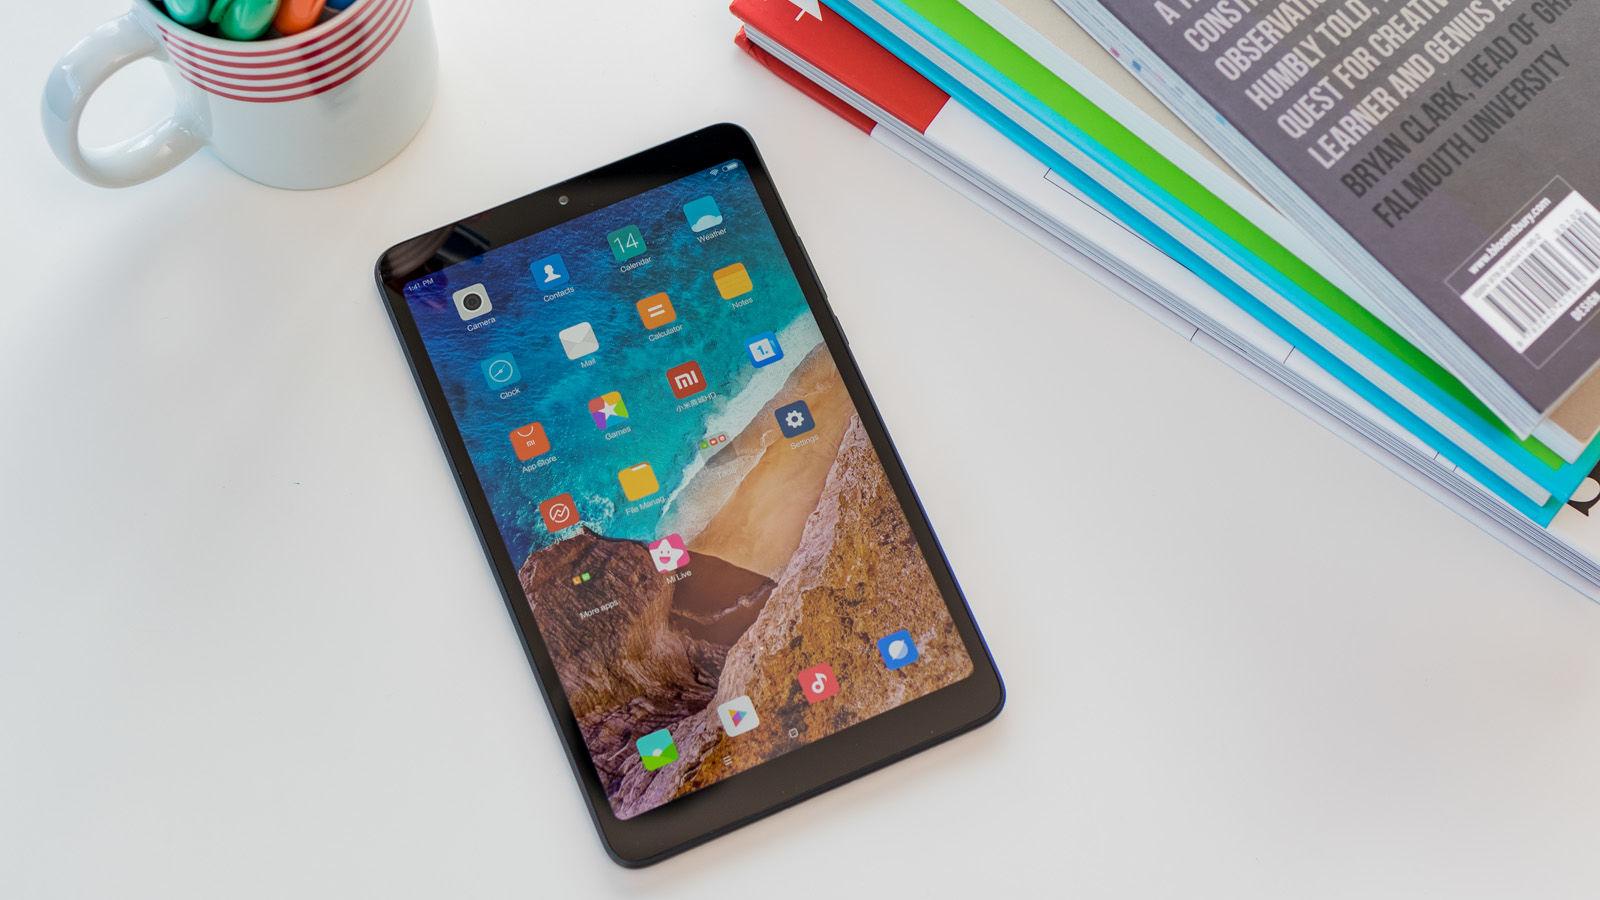 лучшие бюджетные планшеты 2019 до 10000 грн